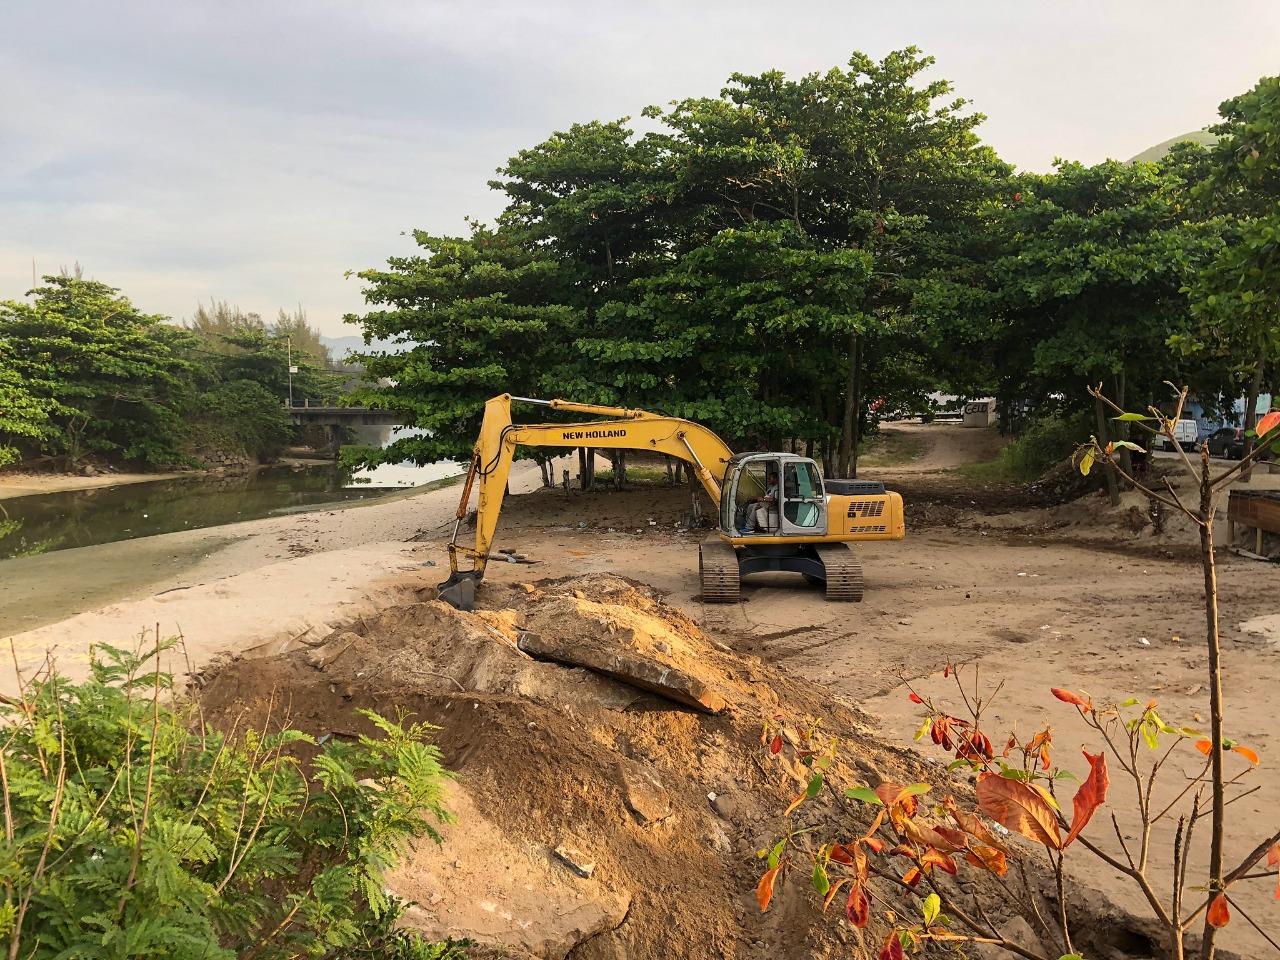 Operação de fiscalização fecha estacionamento irregular em área de proteção ambiental